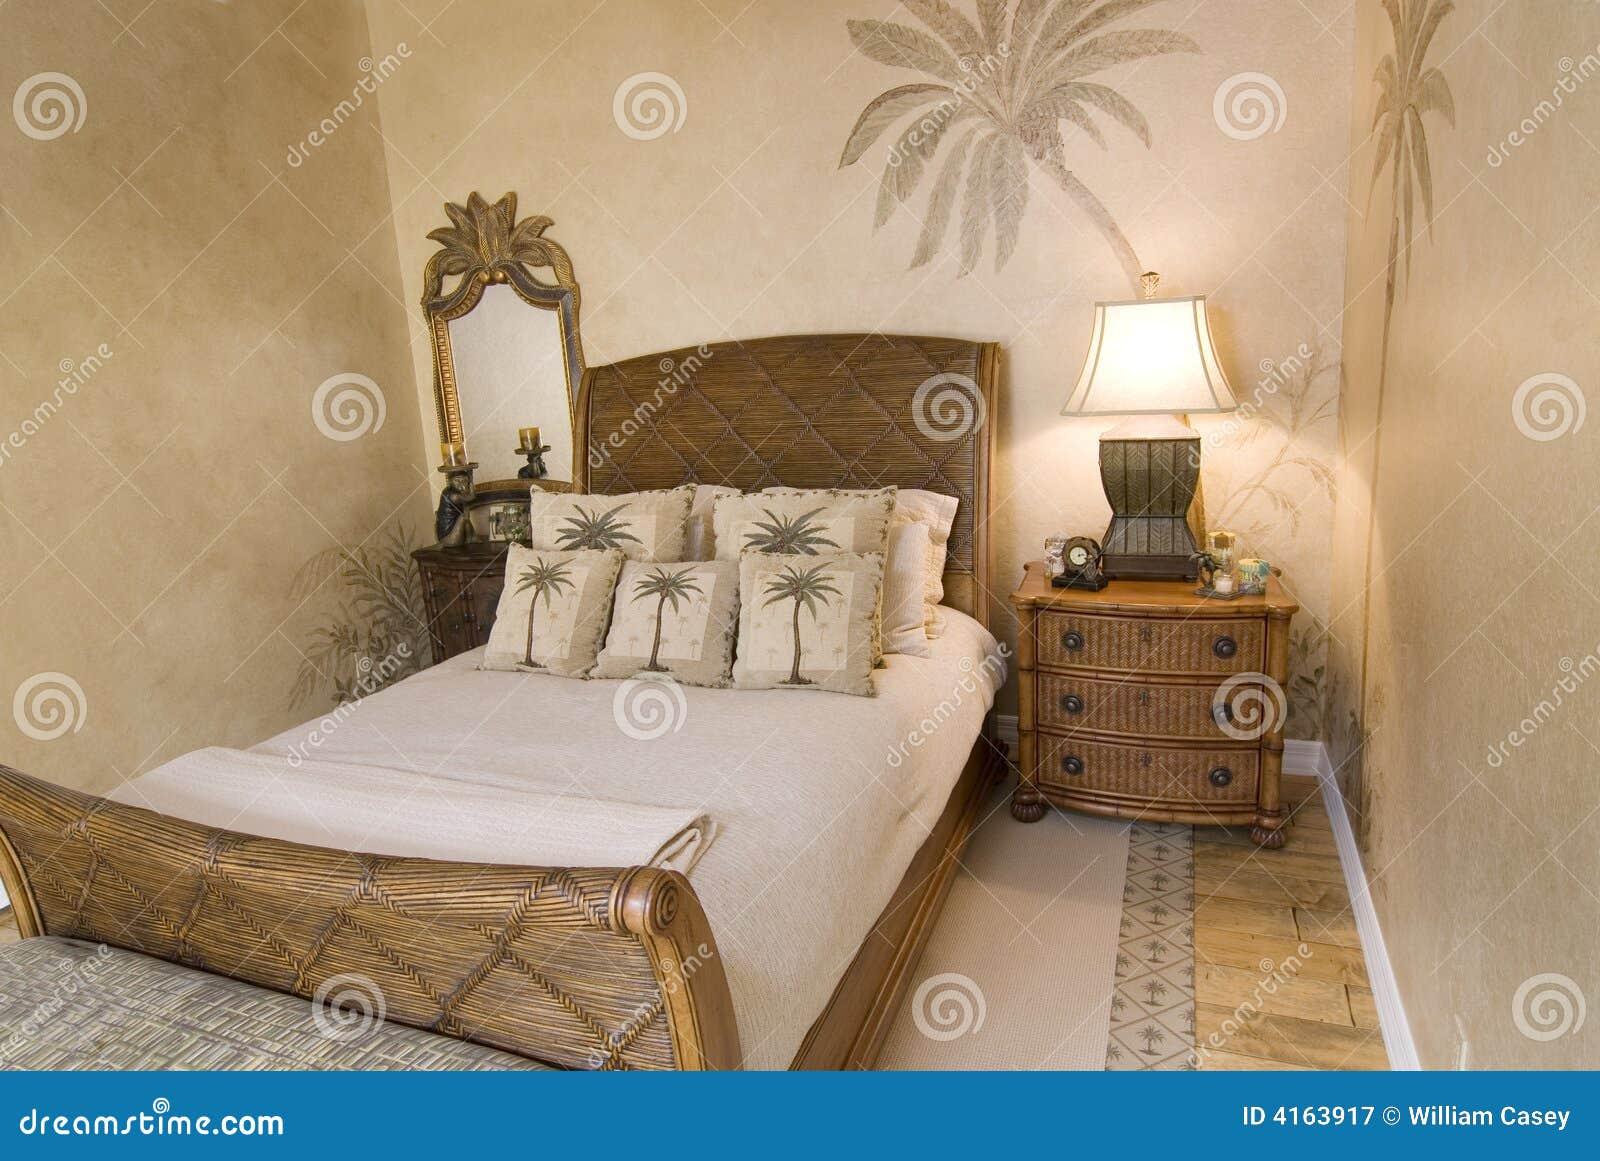 Tropisches Rattan-Schlafzimmer Stockbild - Bild von entwerfer, haus ...